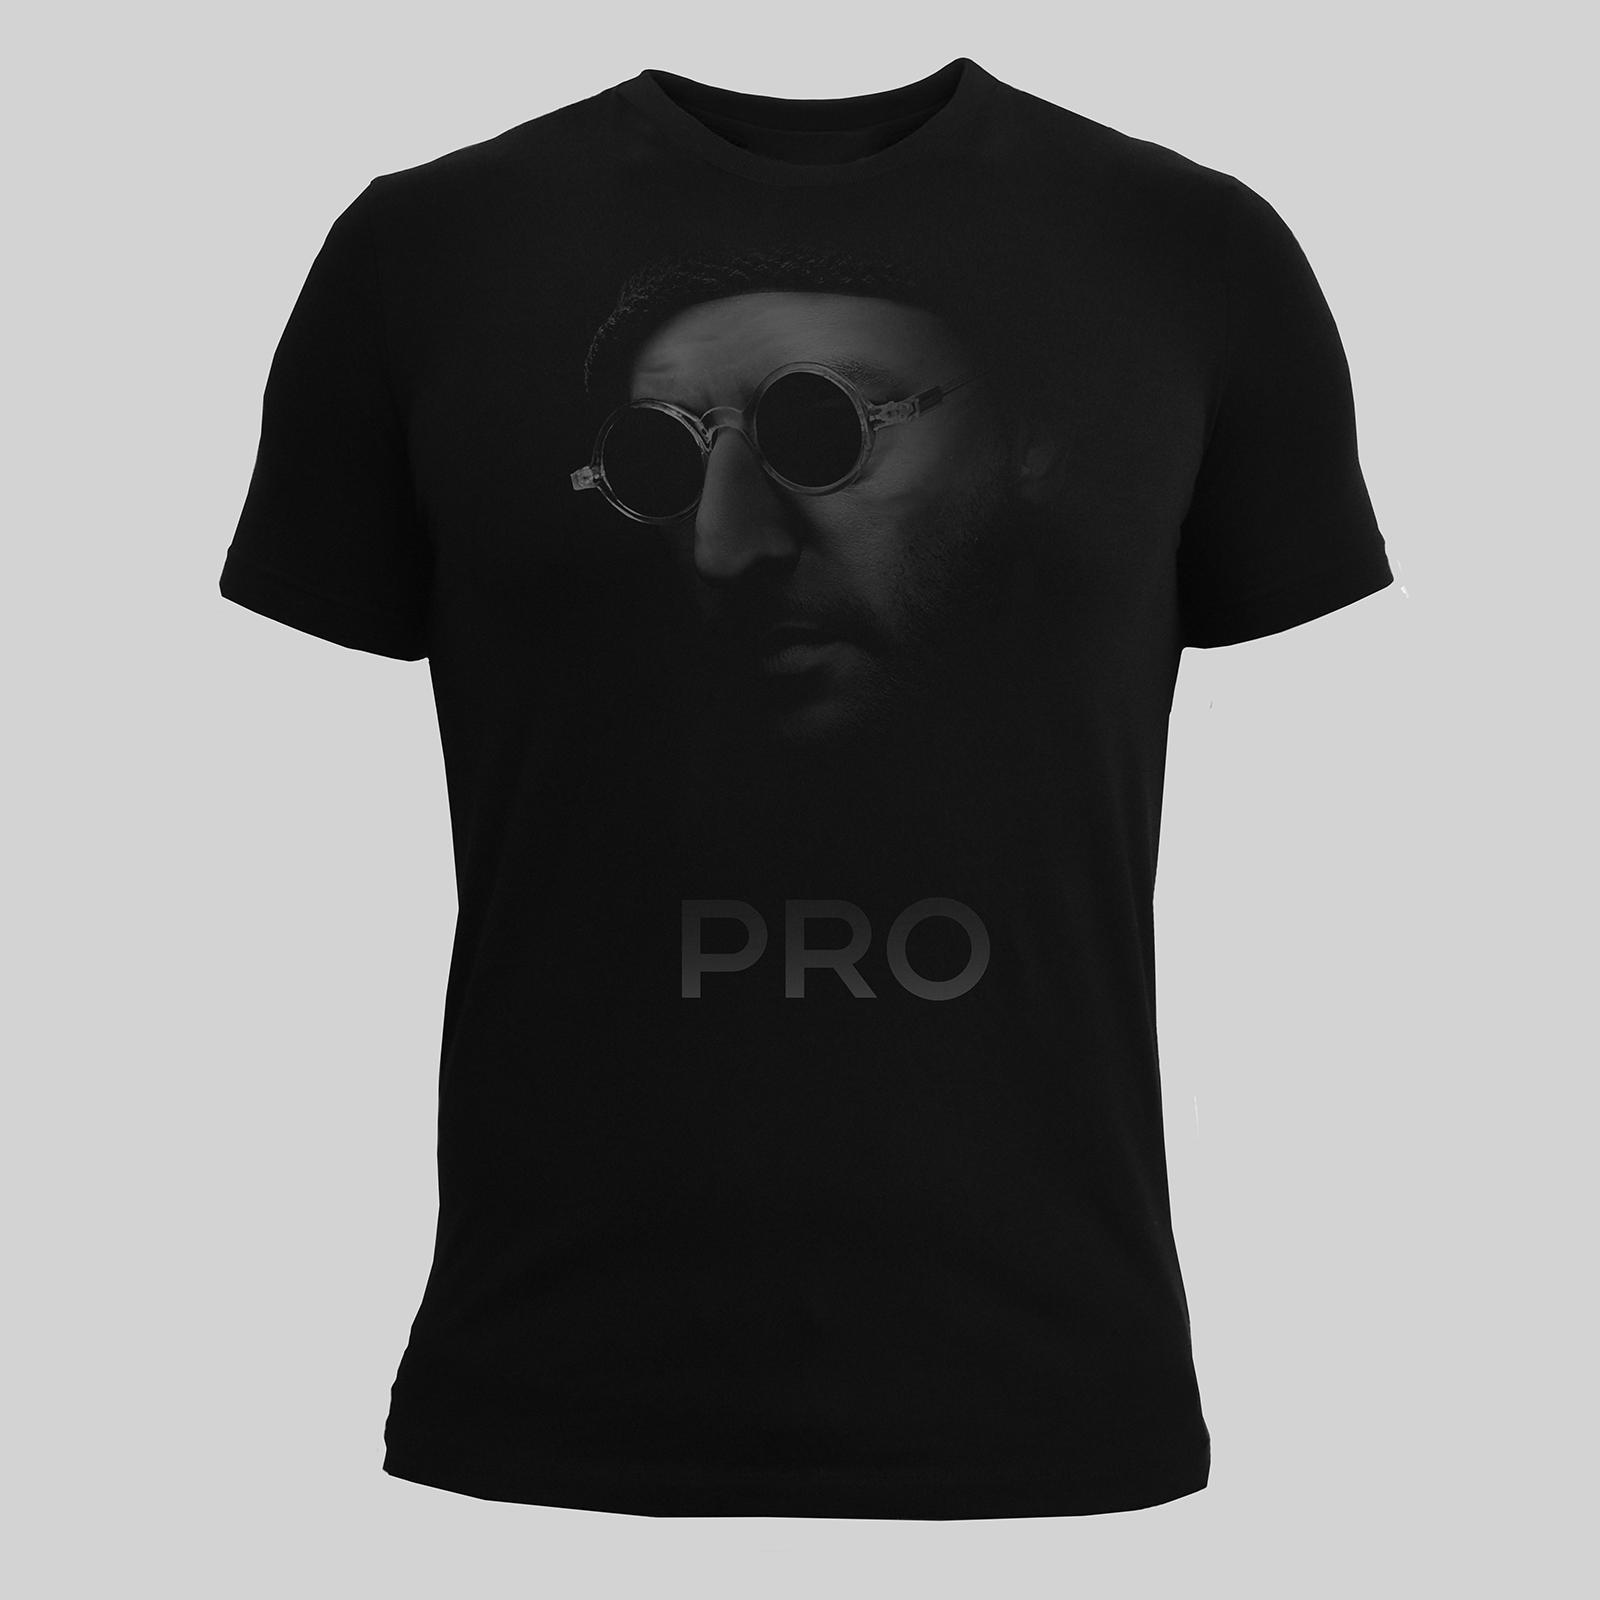 Tshirt PRO Marevnyk